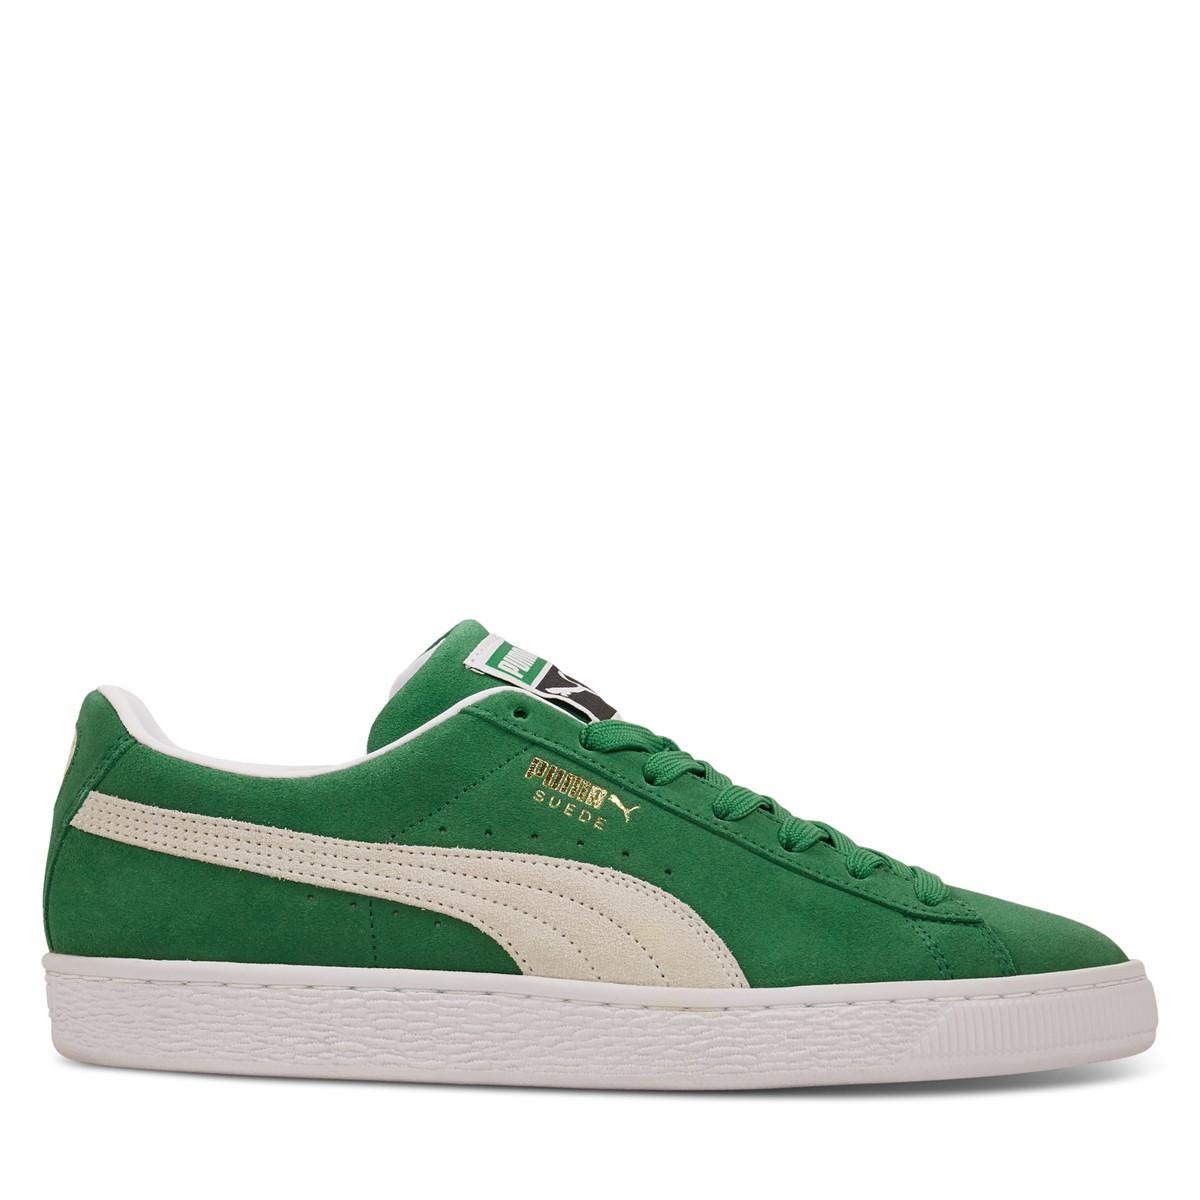 Men's Suede Classic Sneakers in Green